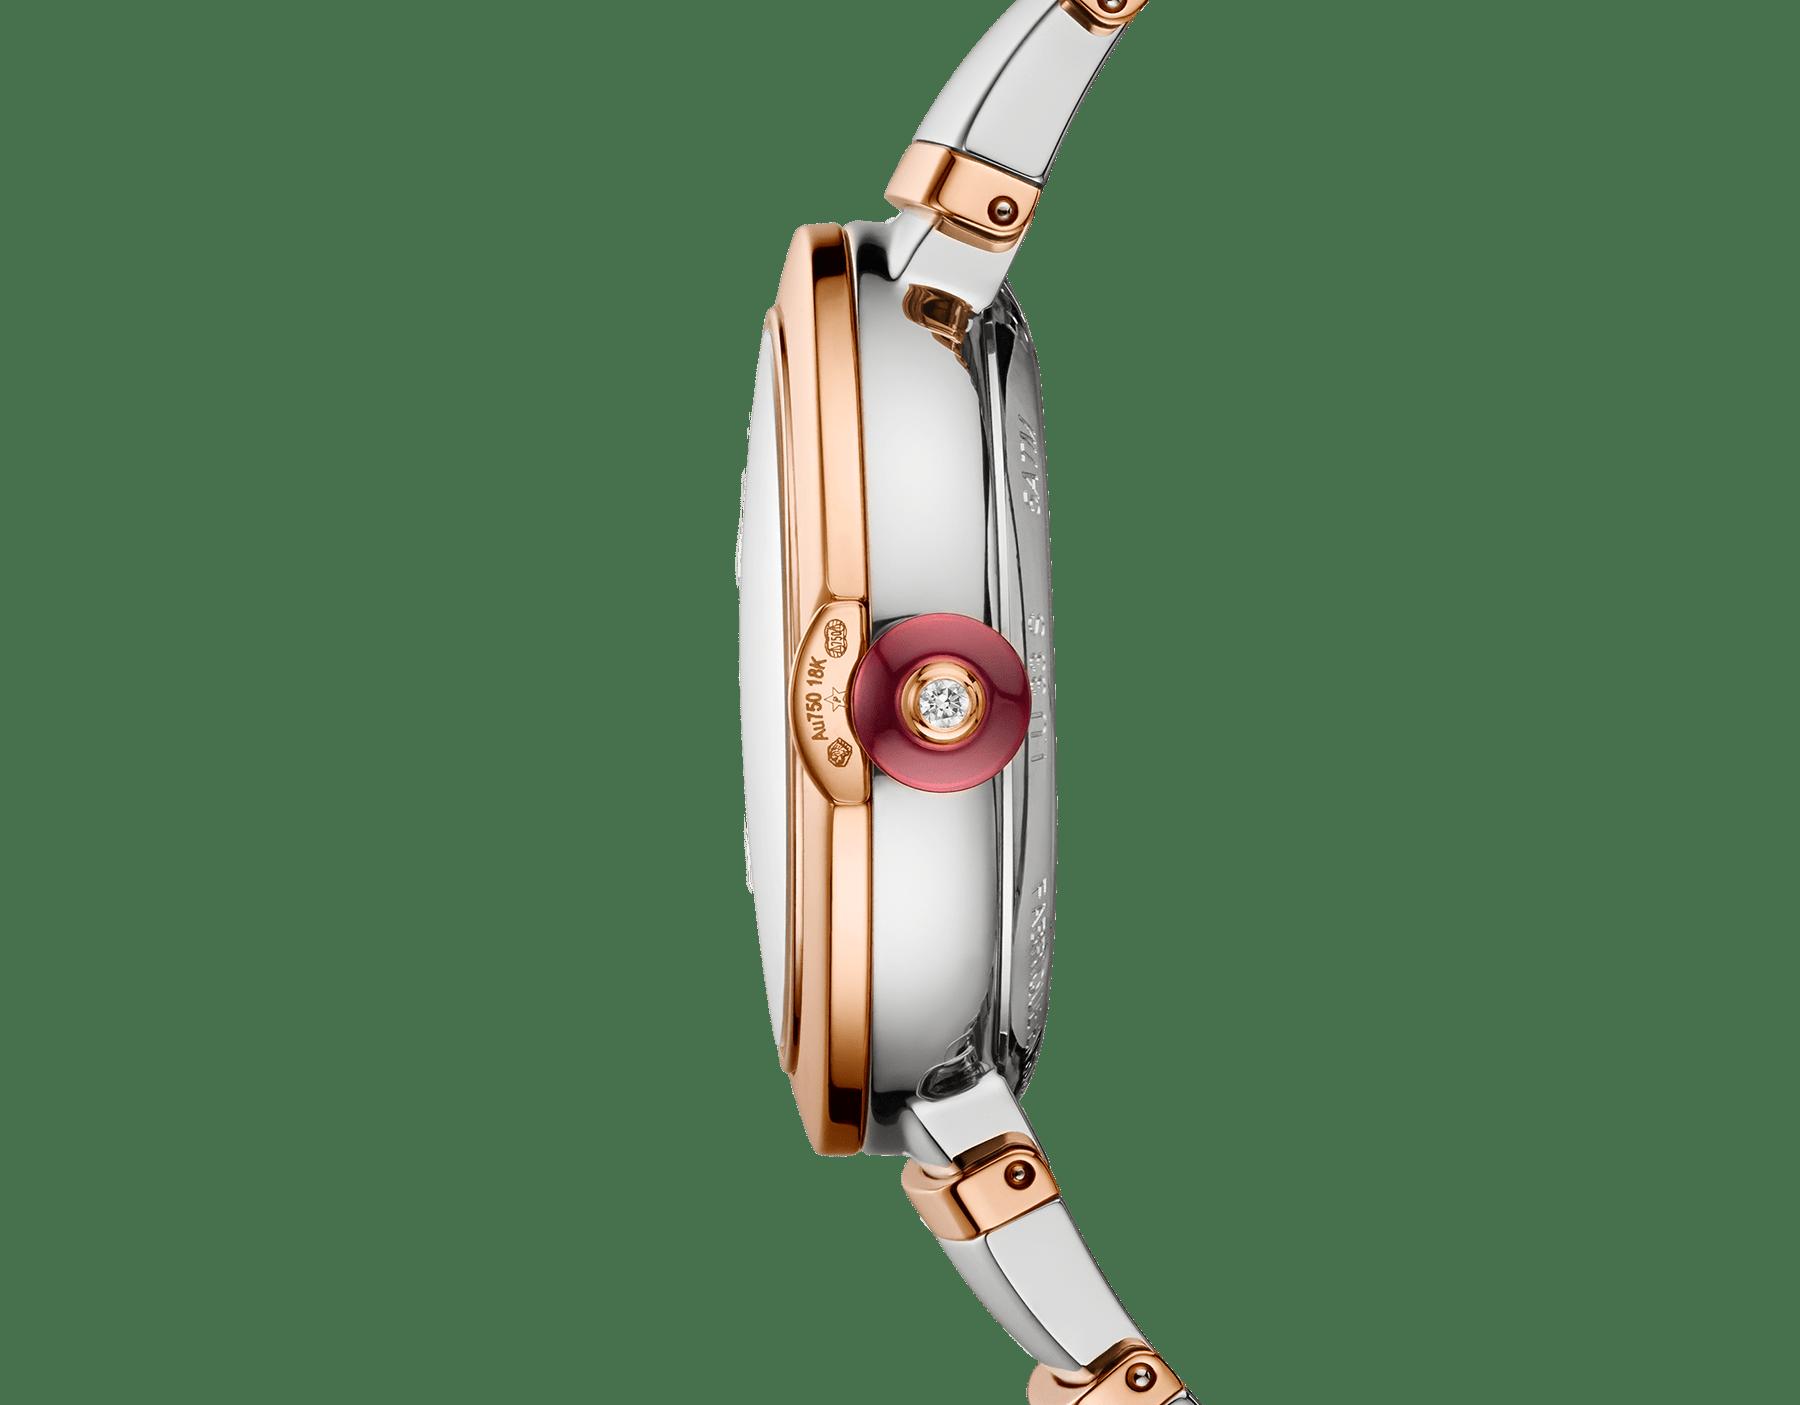 LVCEA 腕錶,18K 玫瑰金和精鋼錶殼及錶帶,黑色蛋白石錶盤。 102192 image 3